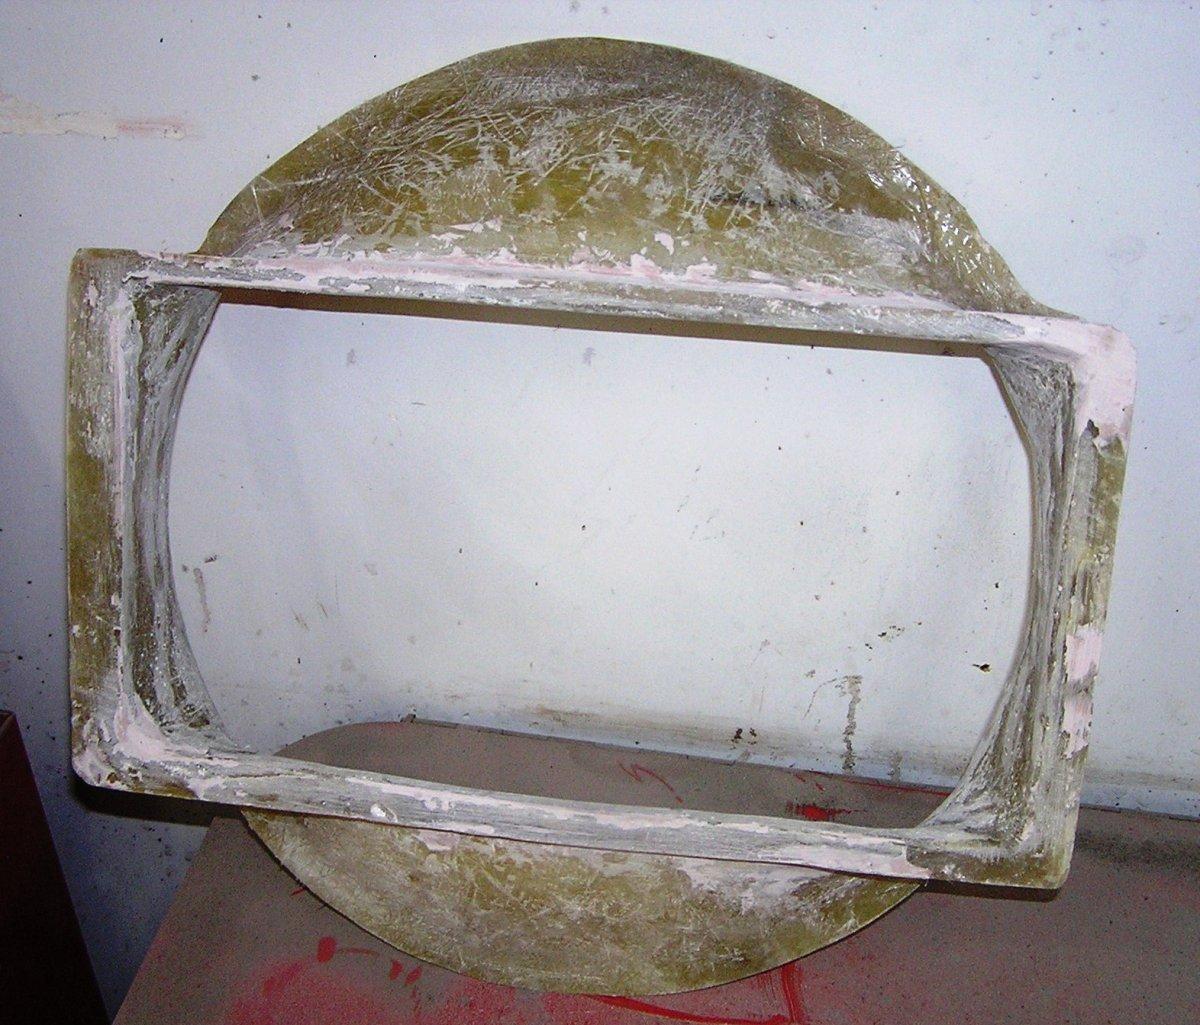 radiator fan shruod 3.JPG